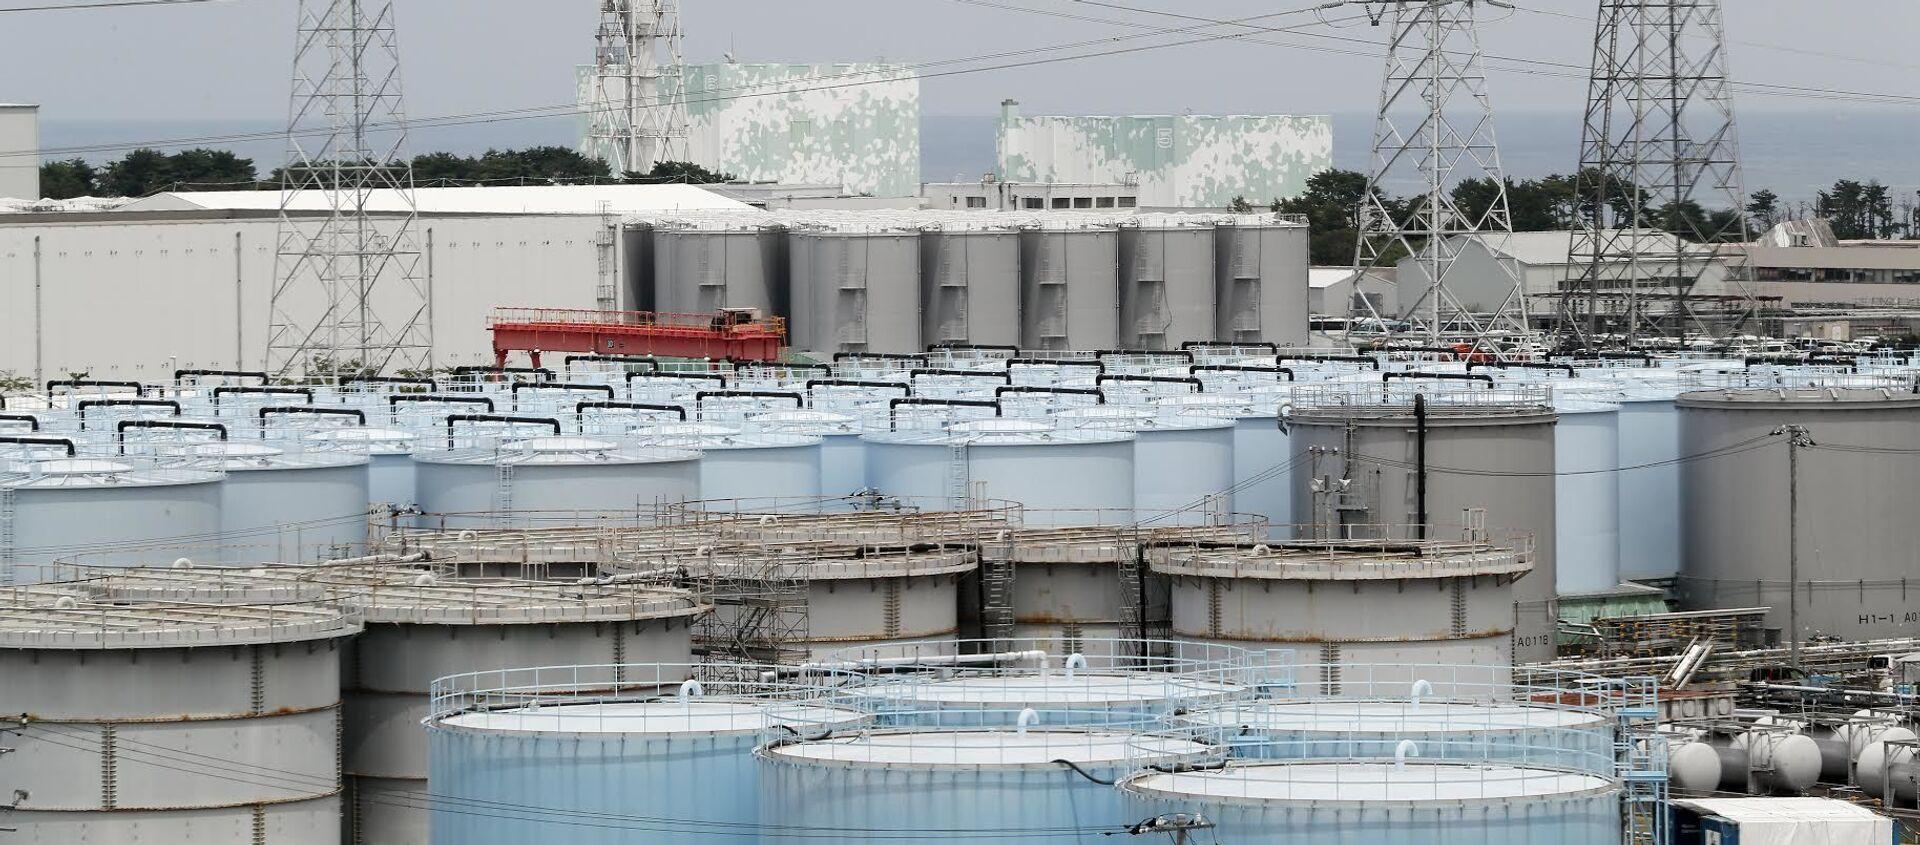 Elektrownia jądrowa Fukushima Nr 1 - Sputnik Polska, 1920, 13.04.2021